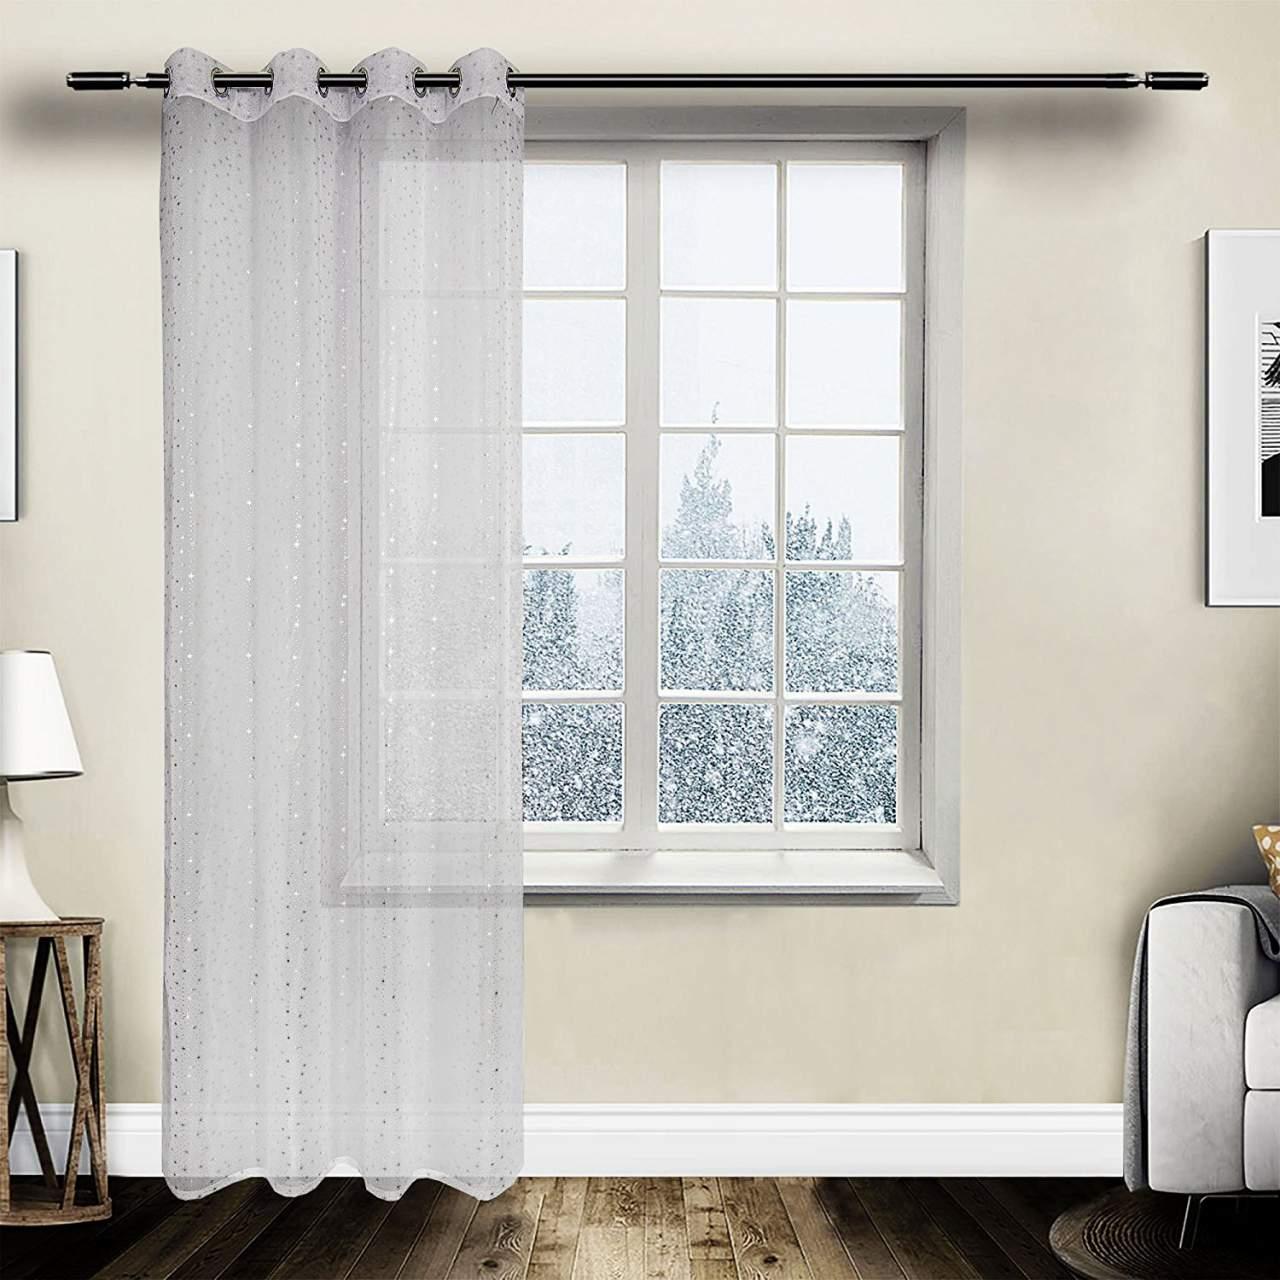 Full Size of Vorhänge Vorhang Gardinen Transparent Sen Mit Sternenlicht Muster Wohnzimmer Küche Schlafzimmer Wohnzimmer Vorhänge